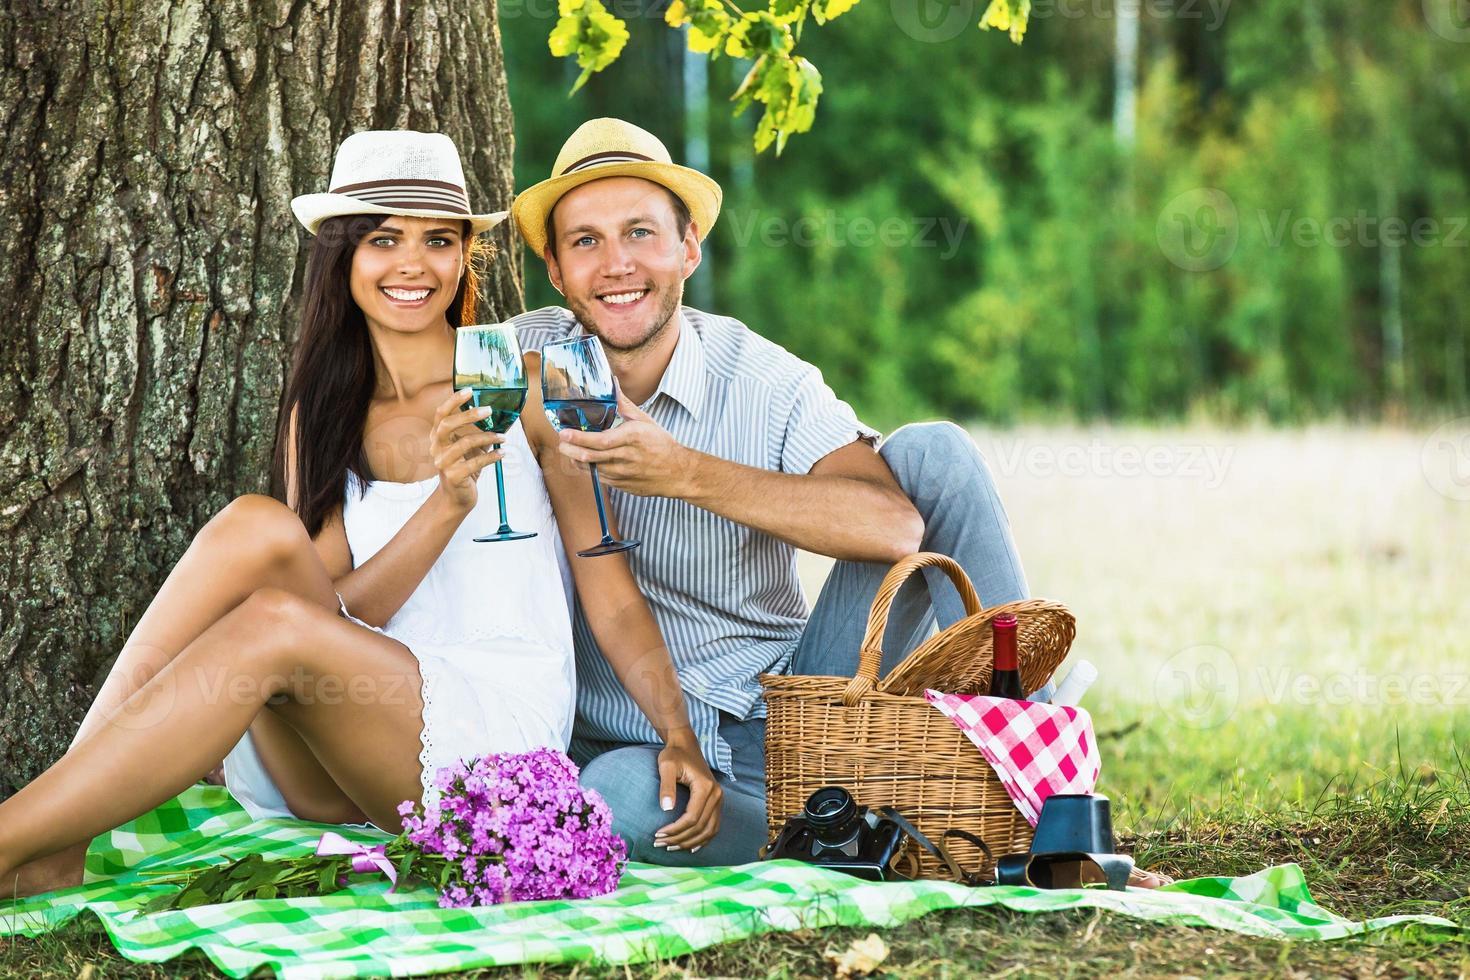 coppia di innamorati rilassanti nella natura foto